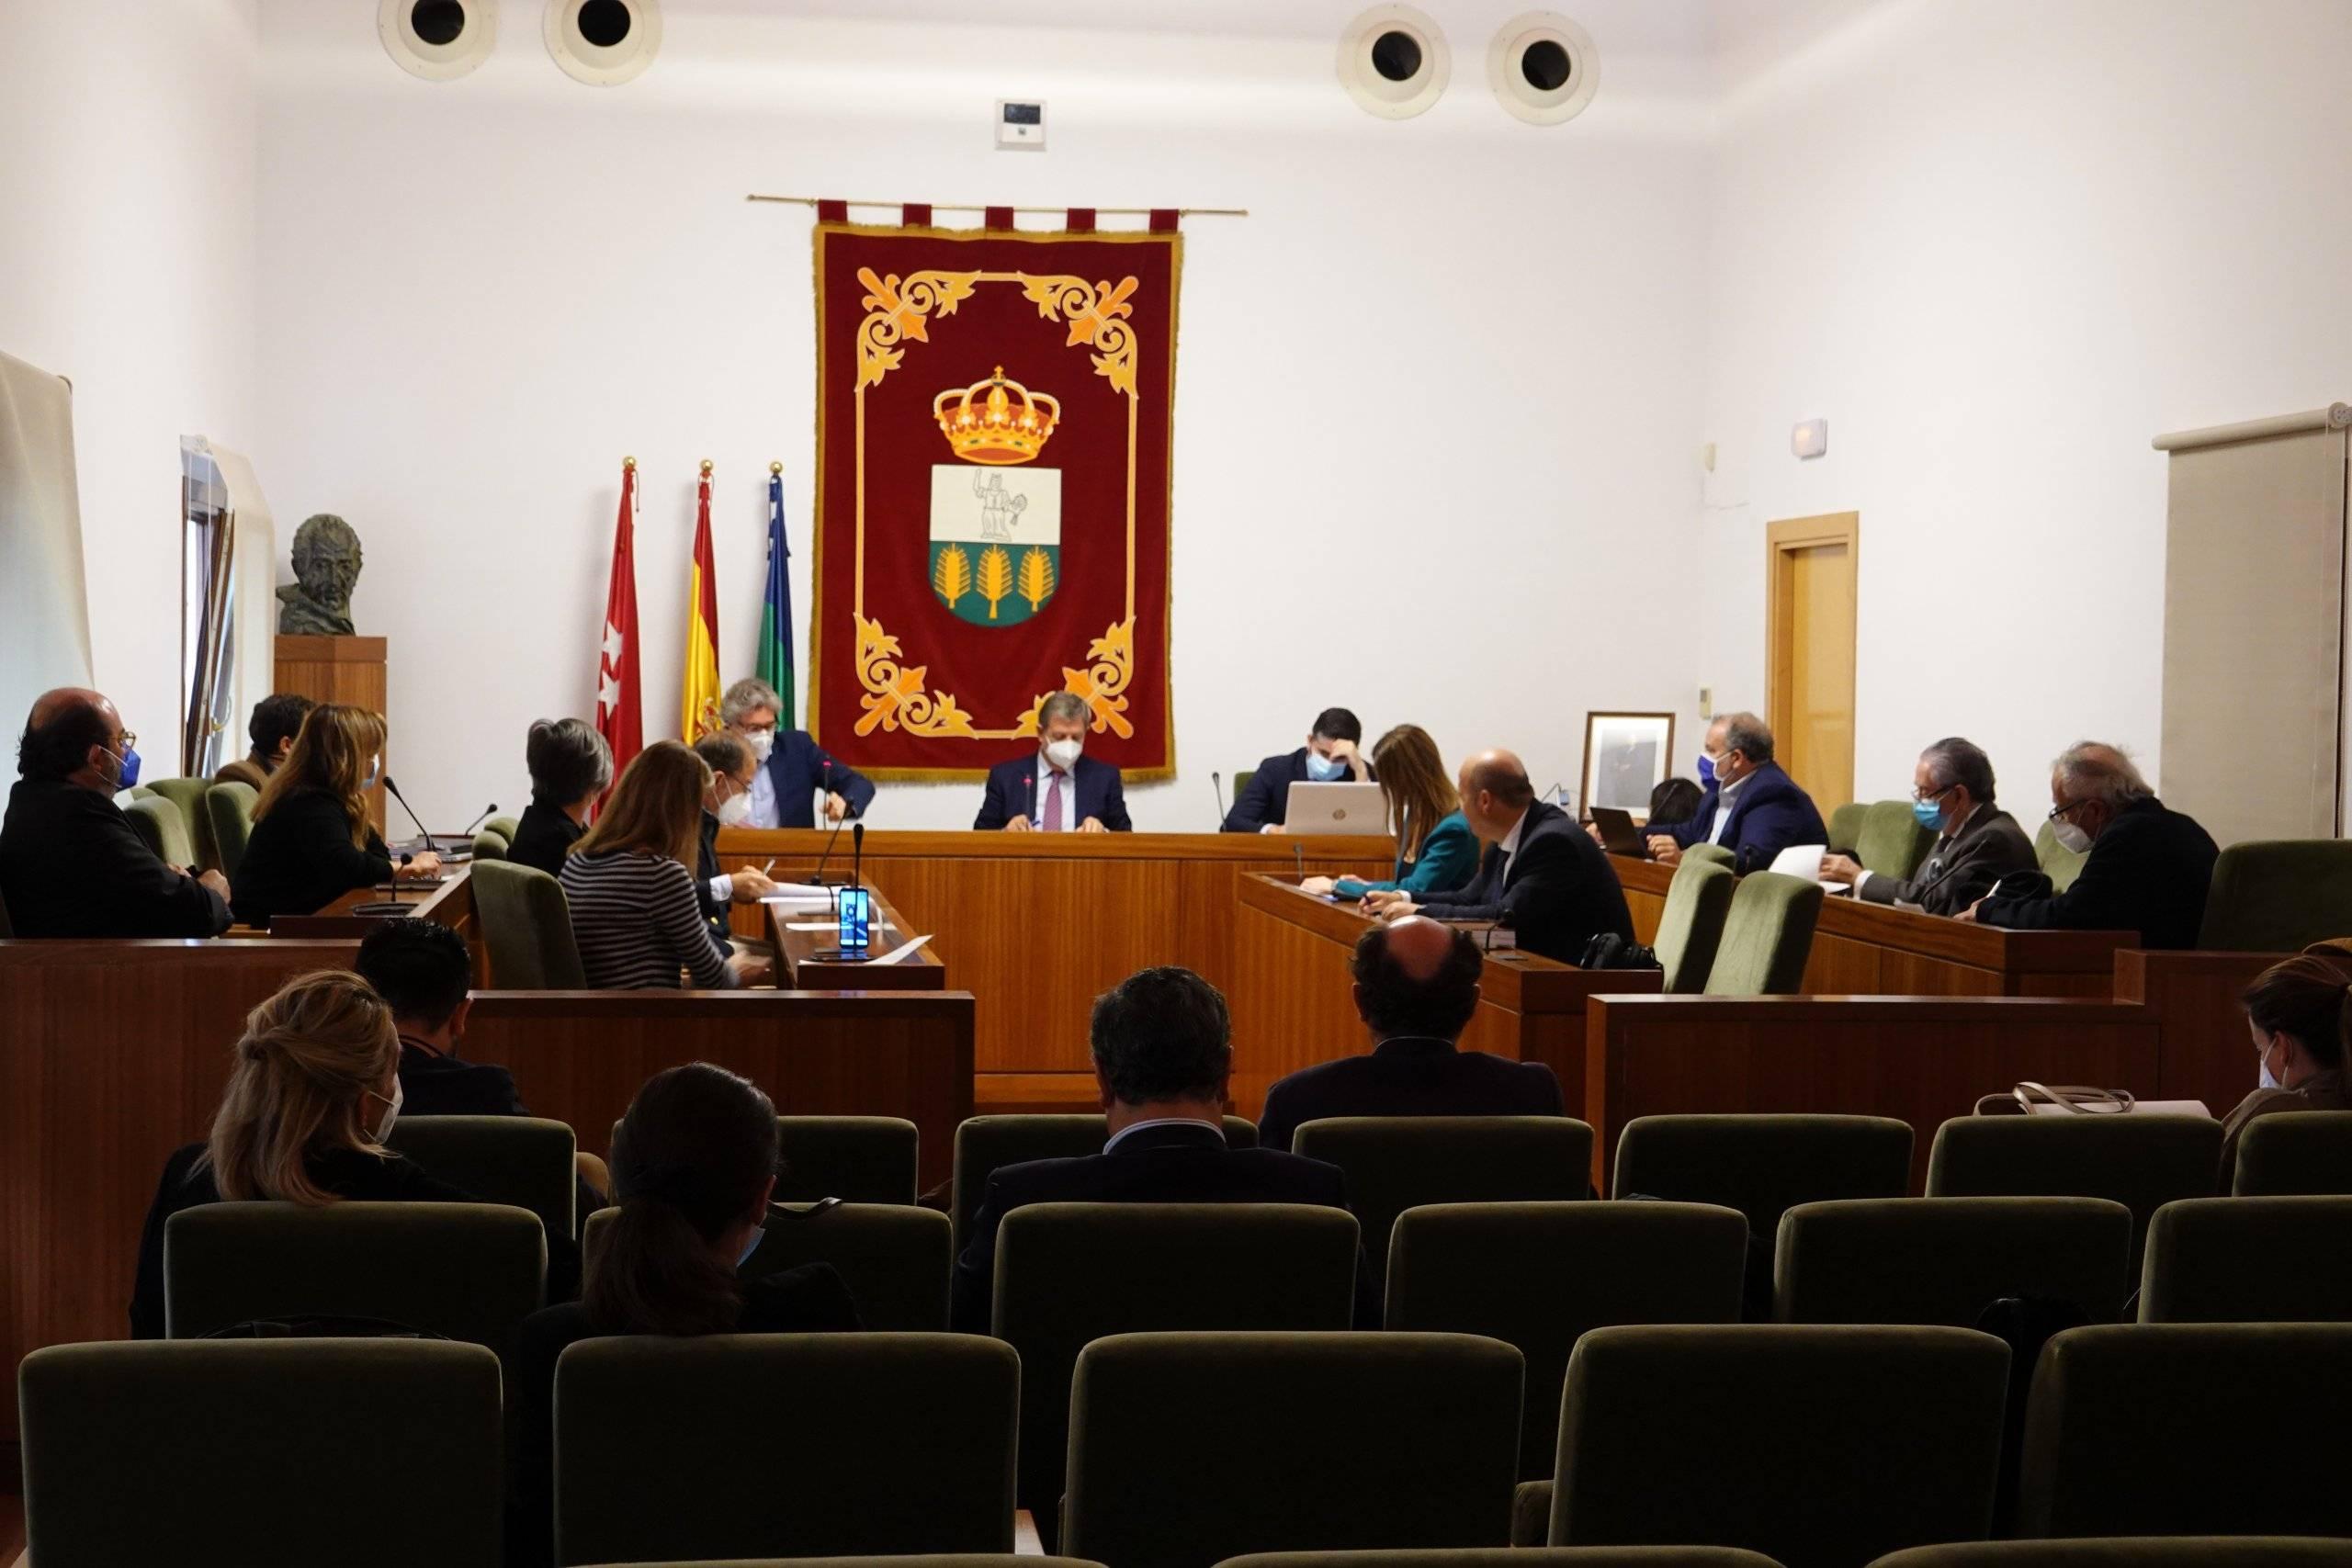 Miembros de la Corporación municipal en el Pleno.